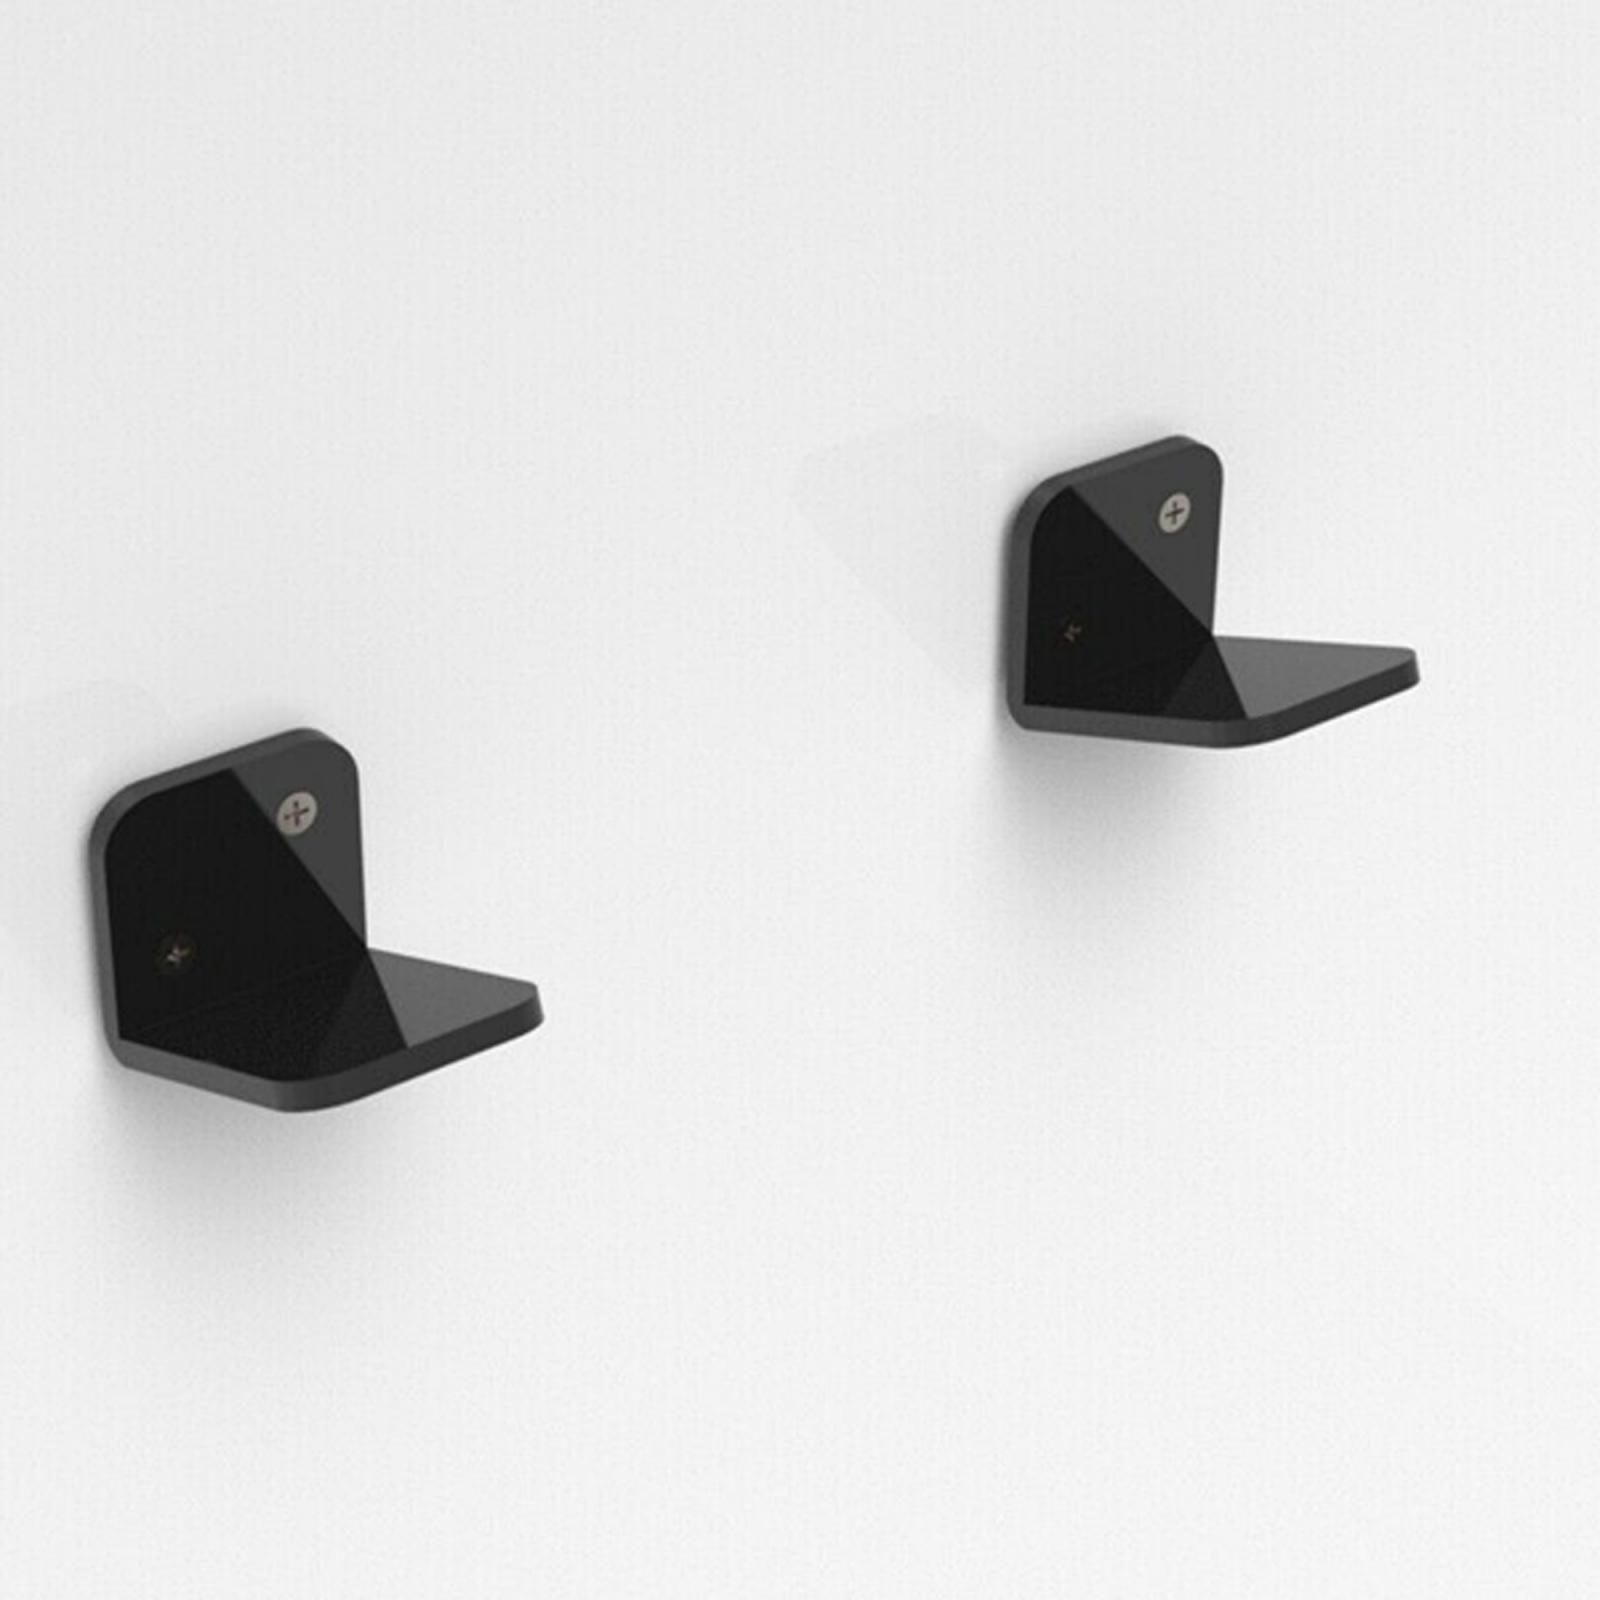 Espositore-appendiabiti-per-montaggio-a-parete-per-Skateboard-in-acrilico miniatura 25